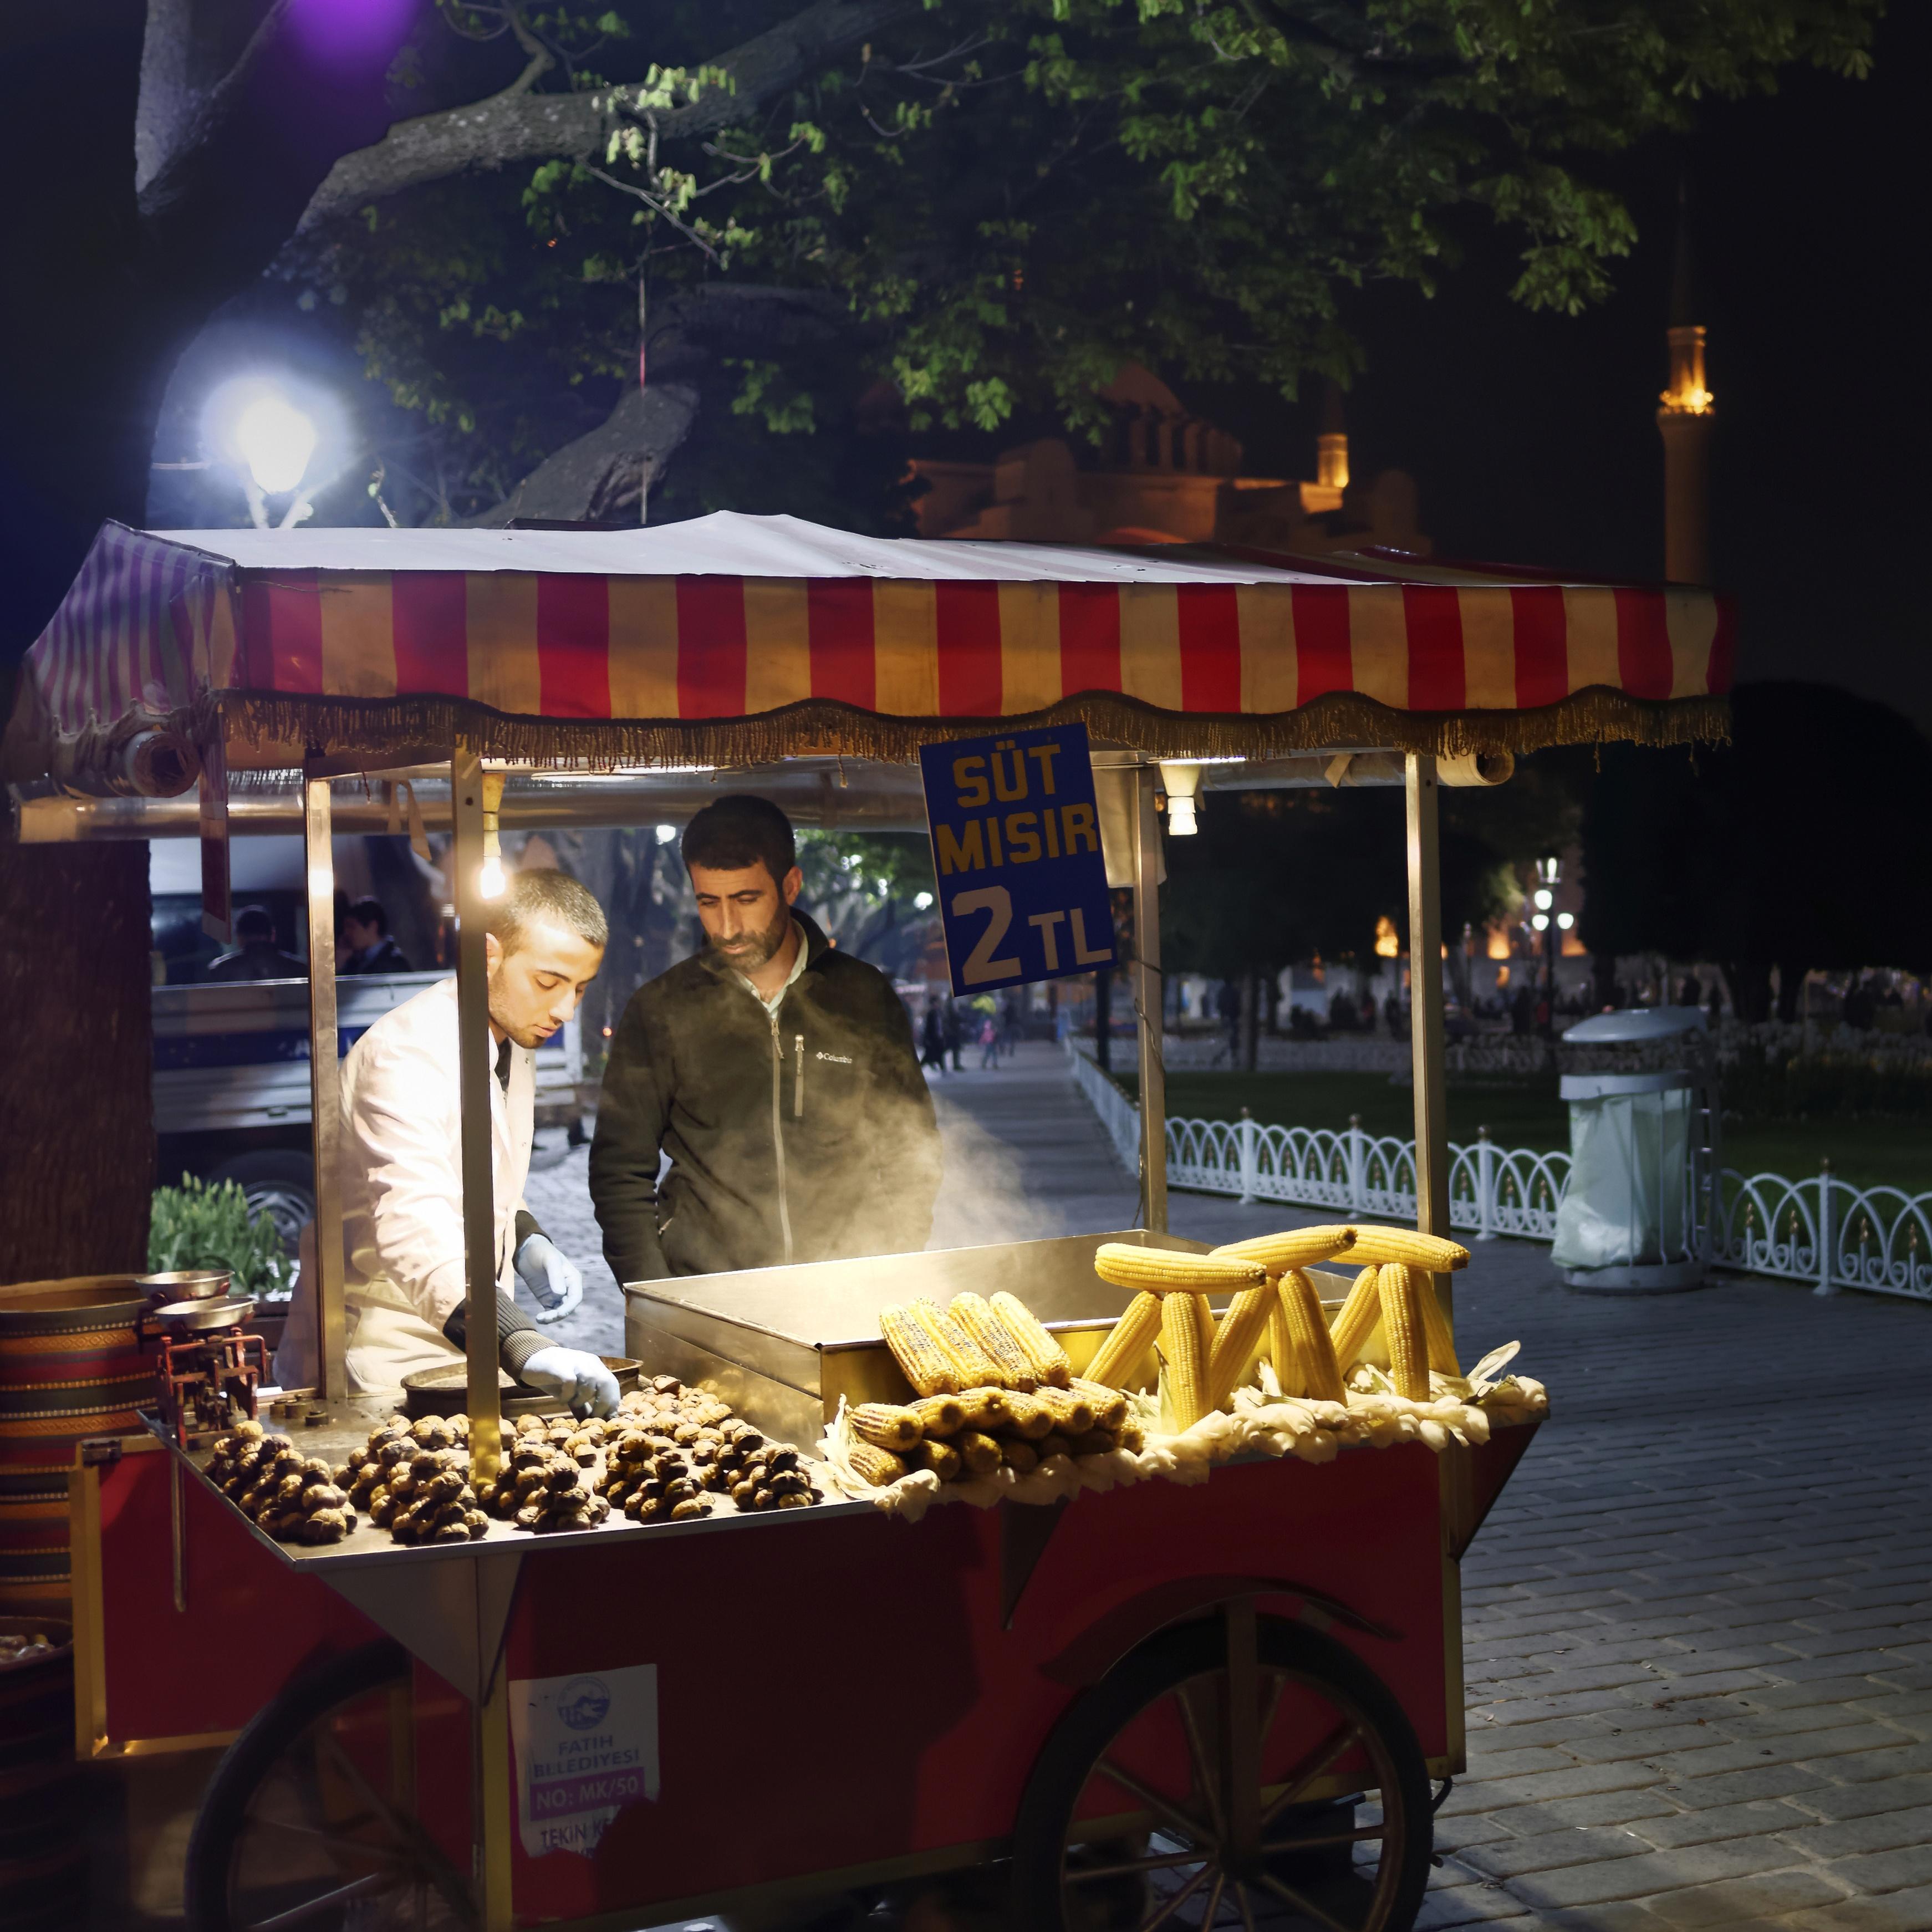 ISTANBUL, Hippodrom: KESTANE KEBABI, geröstete Edelkastanie und SÜT MISIR, gekochte Maiskolben